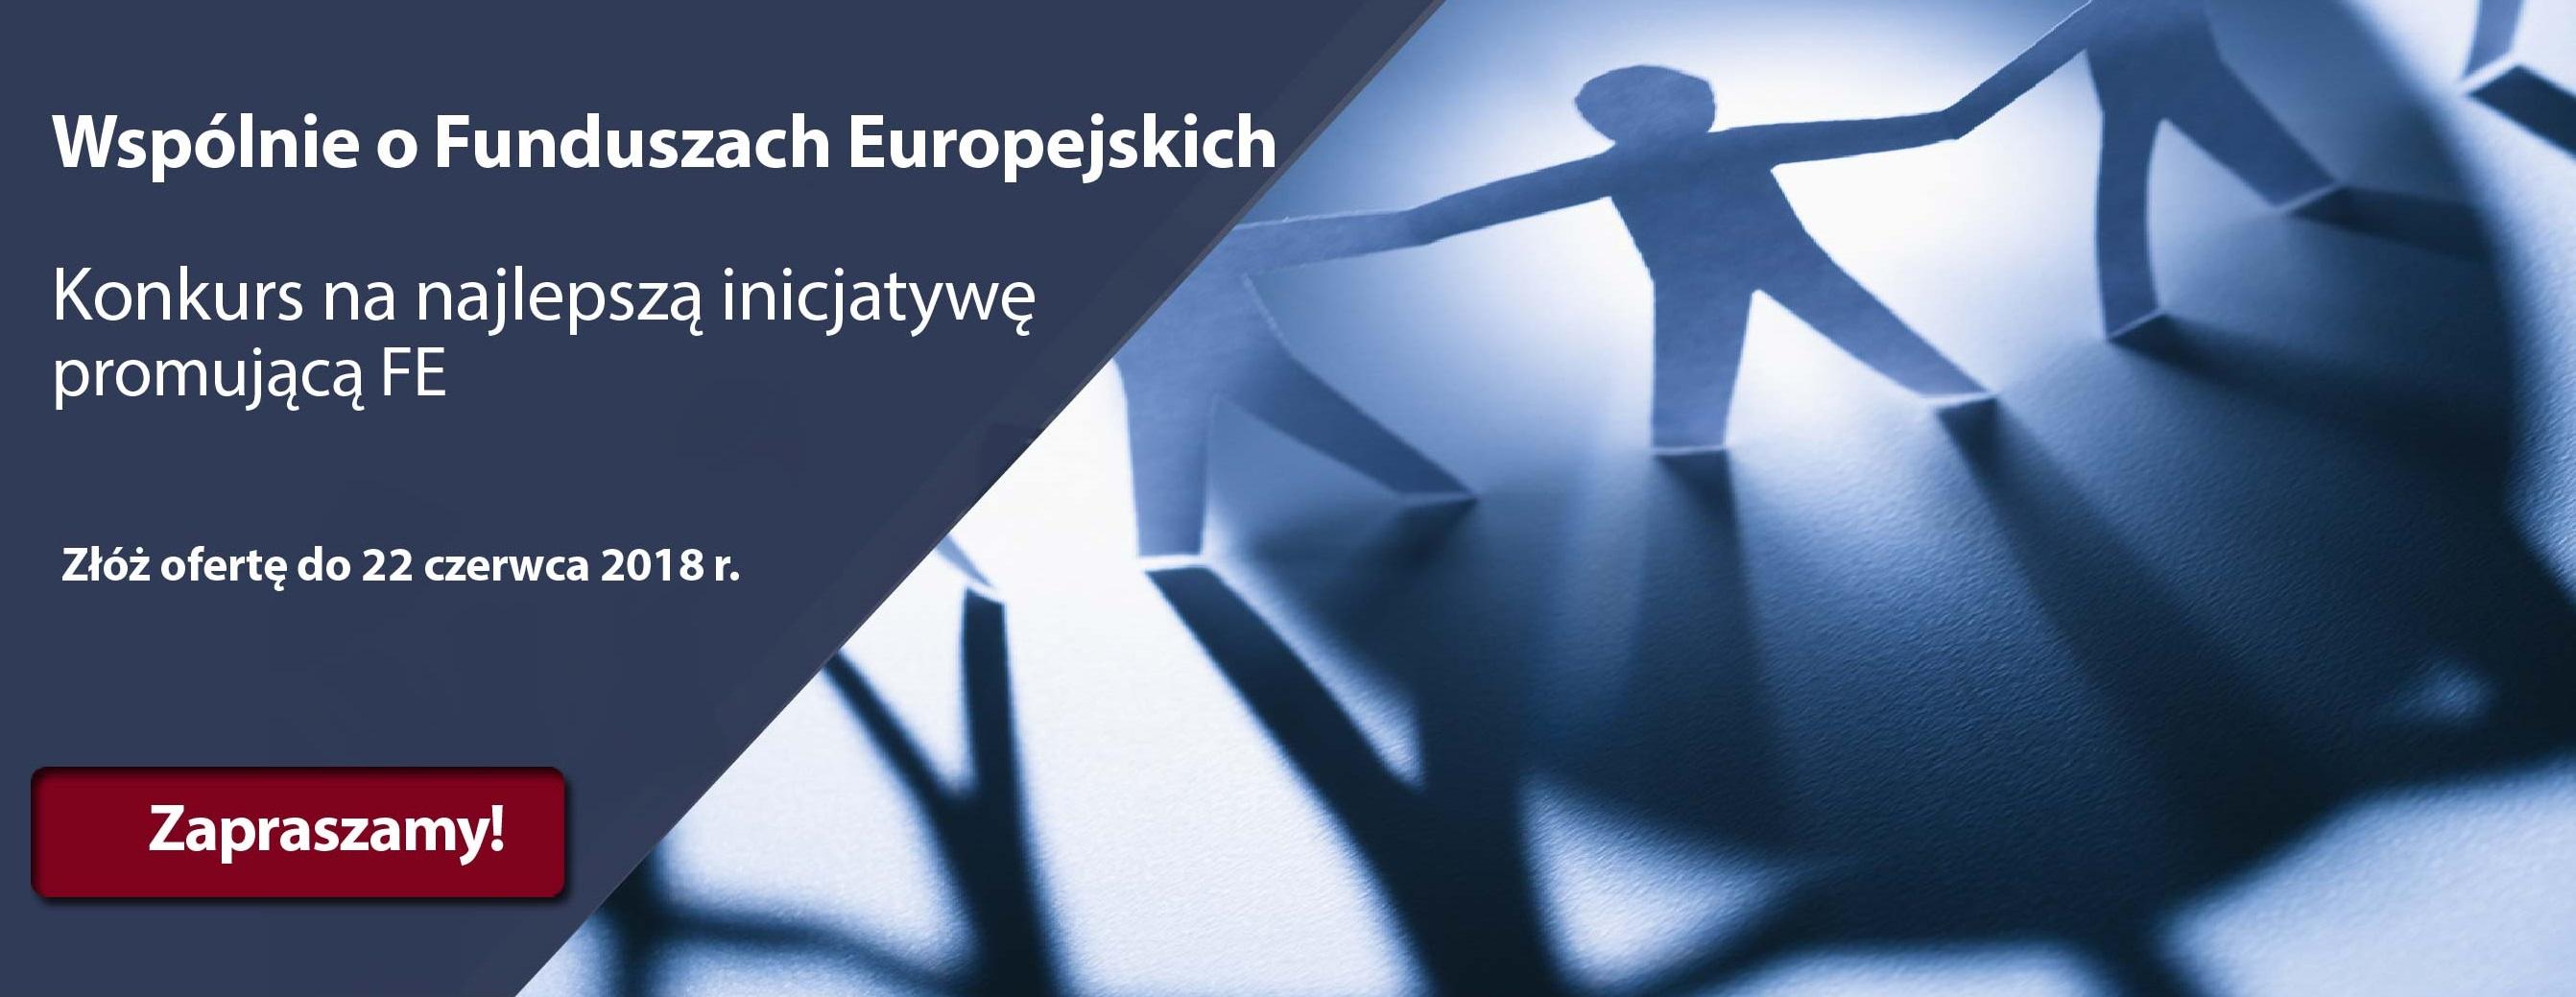 Konkurs ofert Ministerstwa Inwestycji i Rozwoju - Wspólnie o Funduszach Europejskich